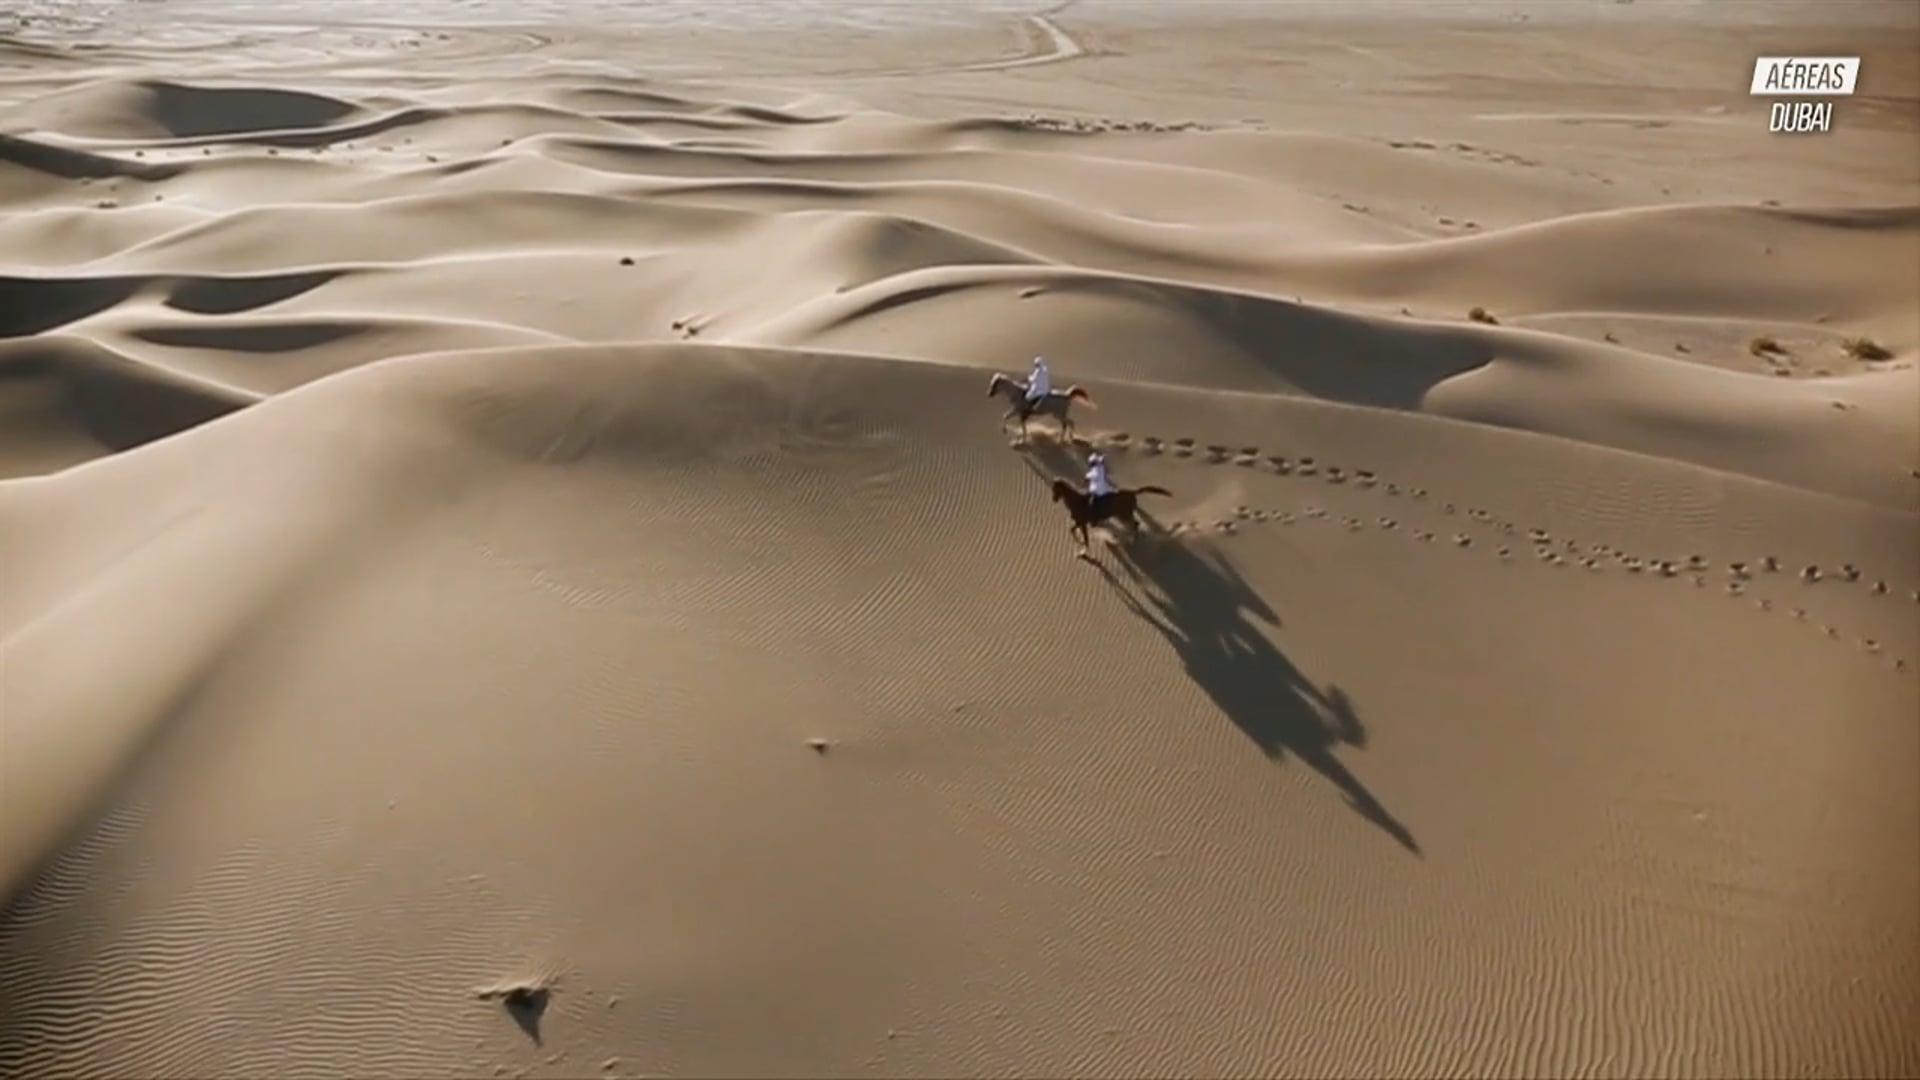 Aerials Dubai